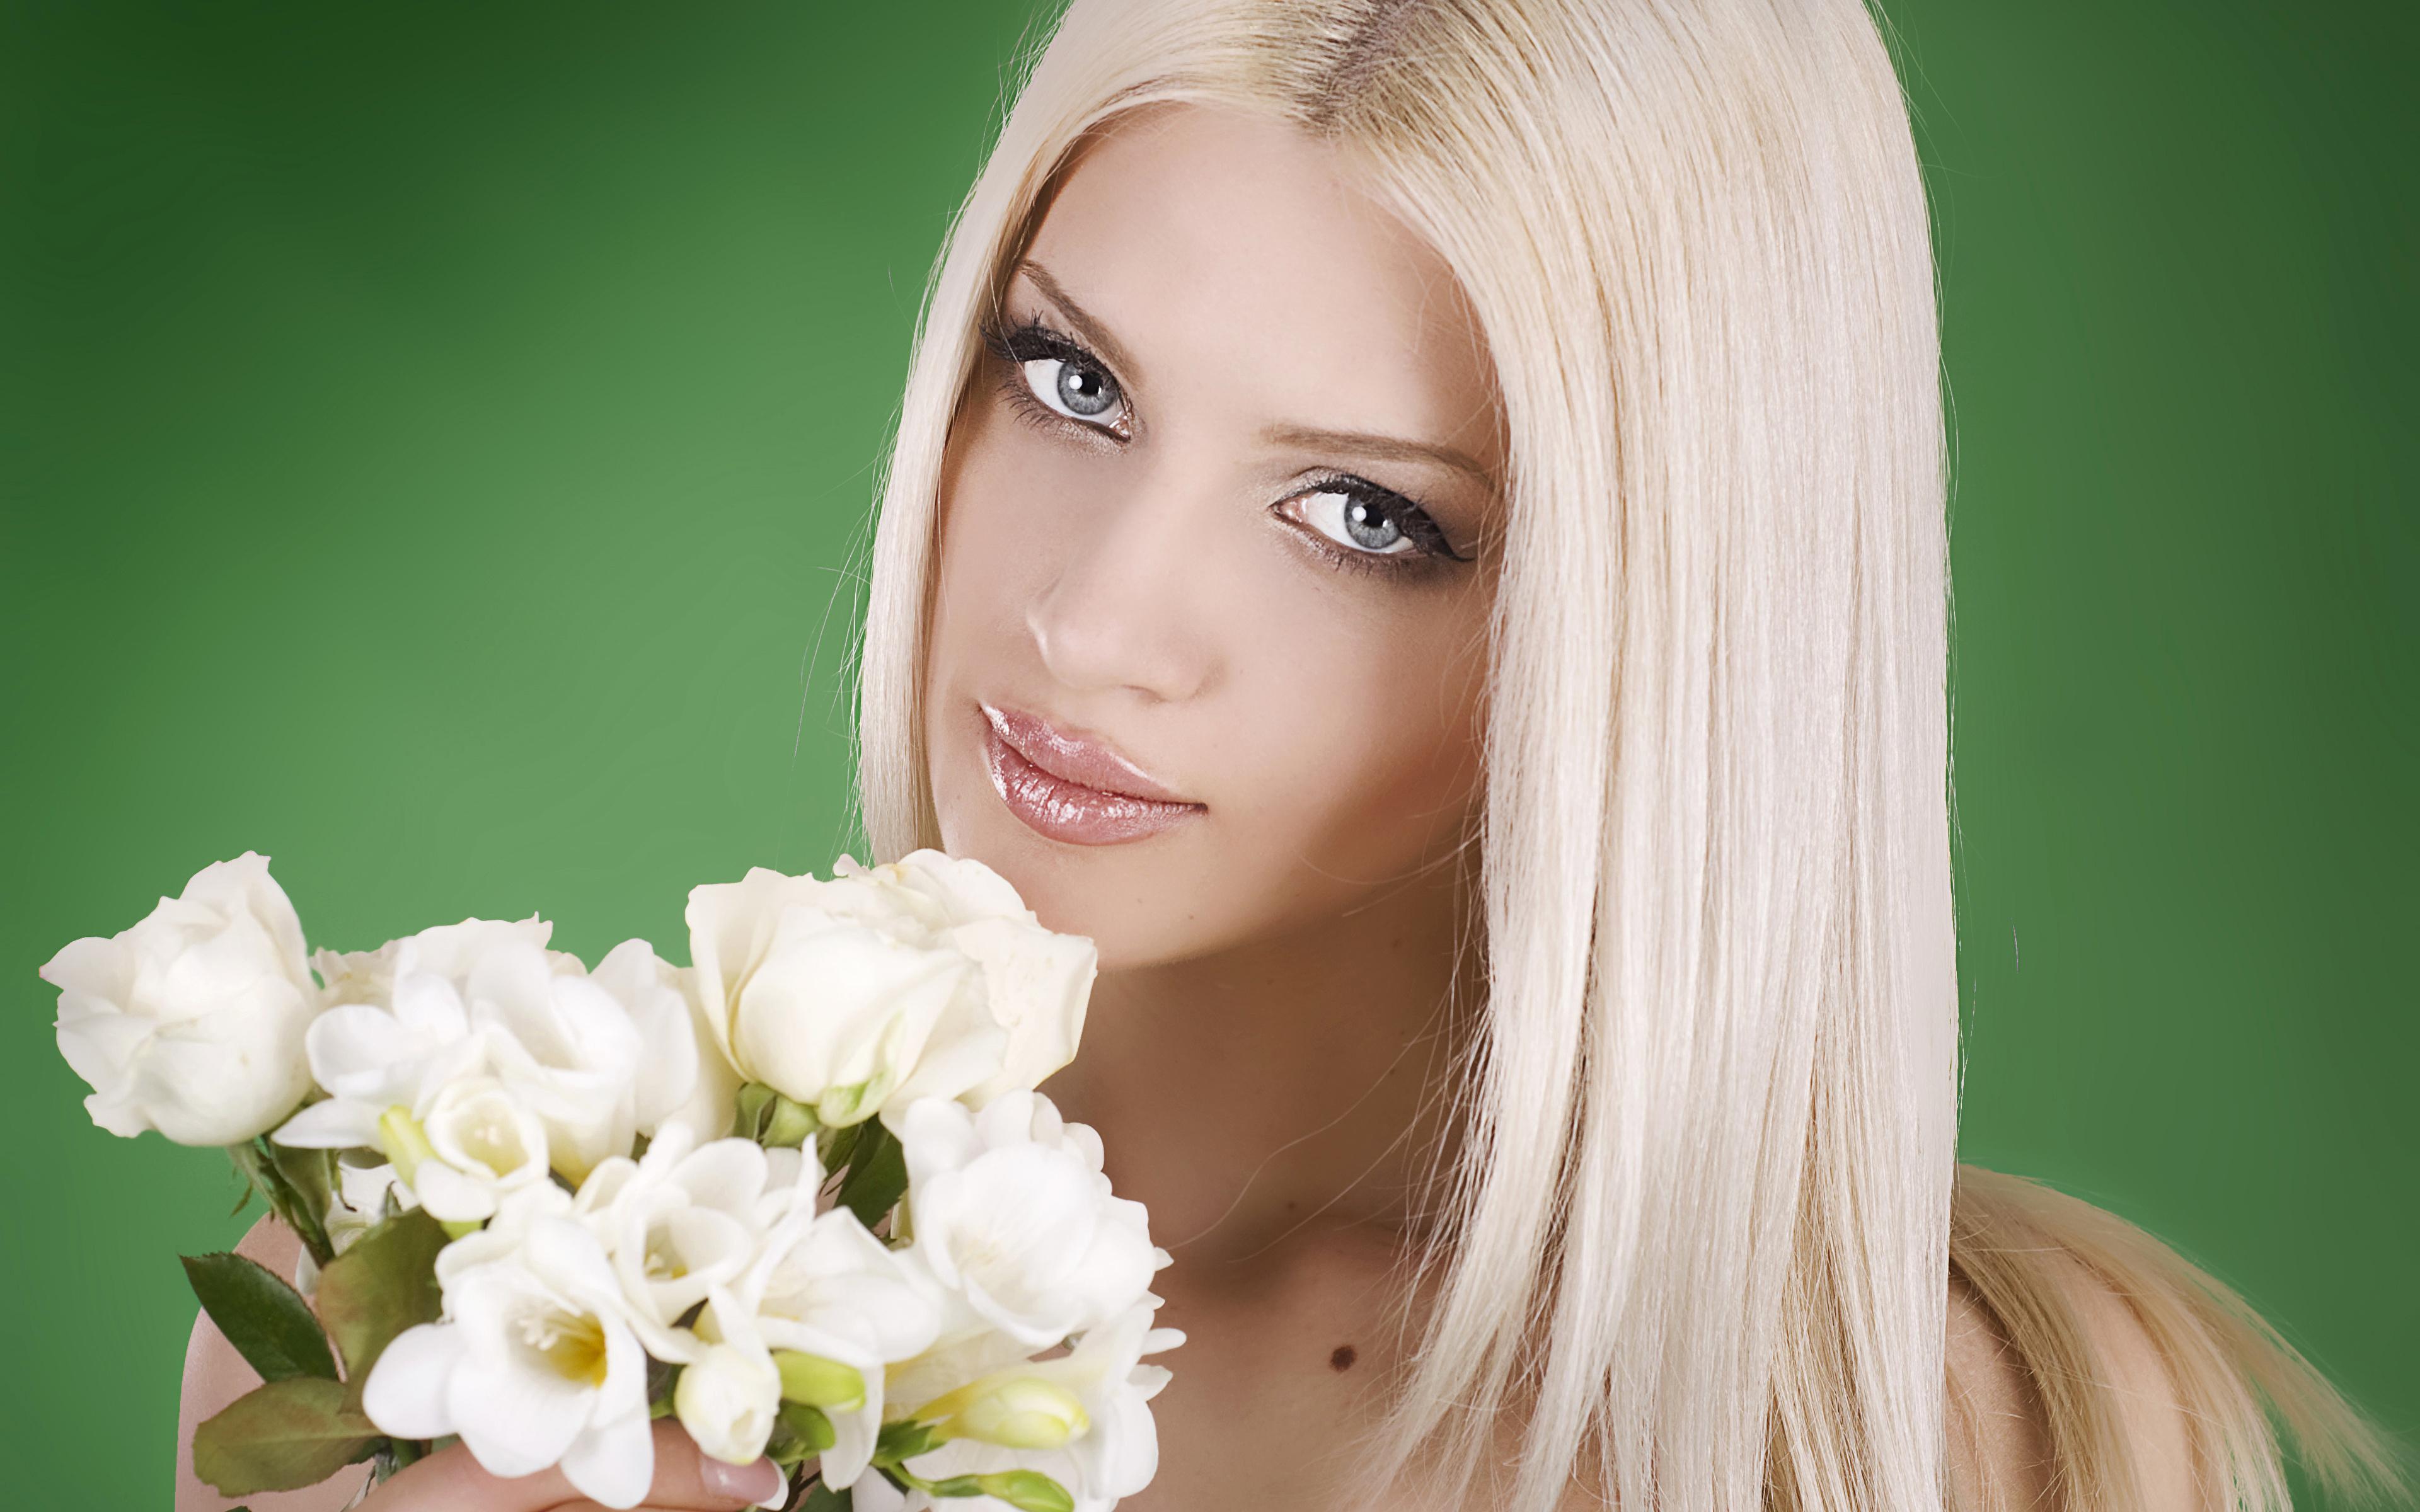 Красивые фото девушек блондинок 21 год ВКонтакте (12)